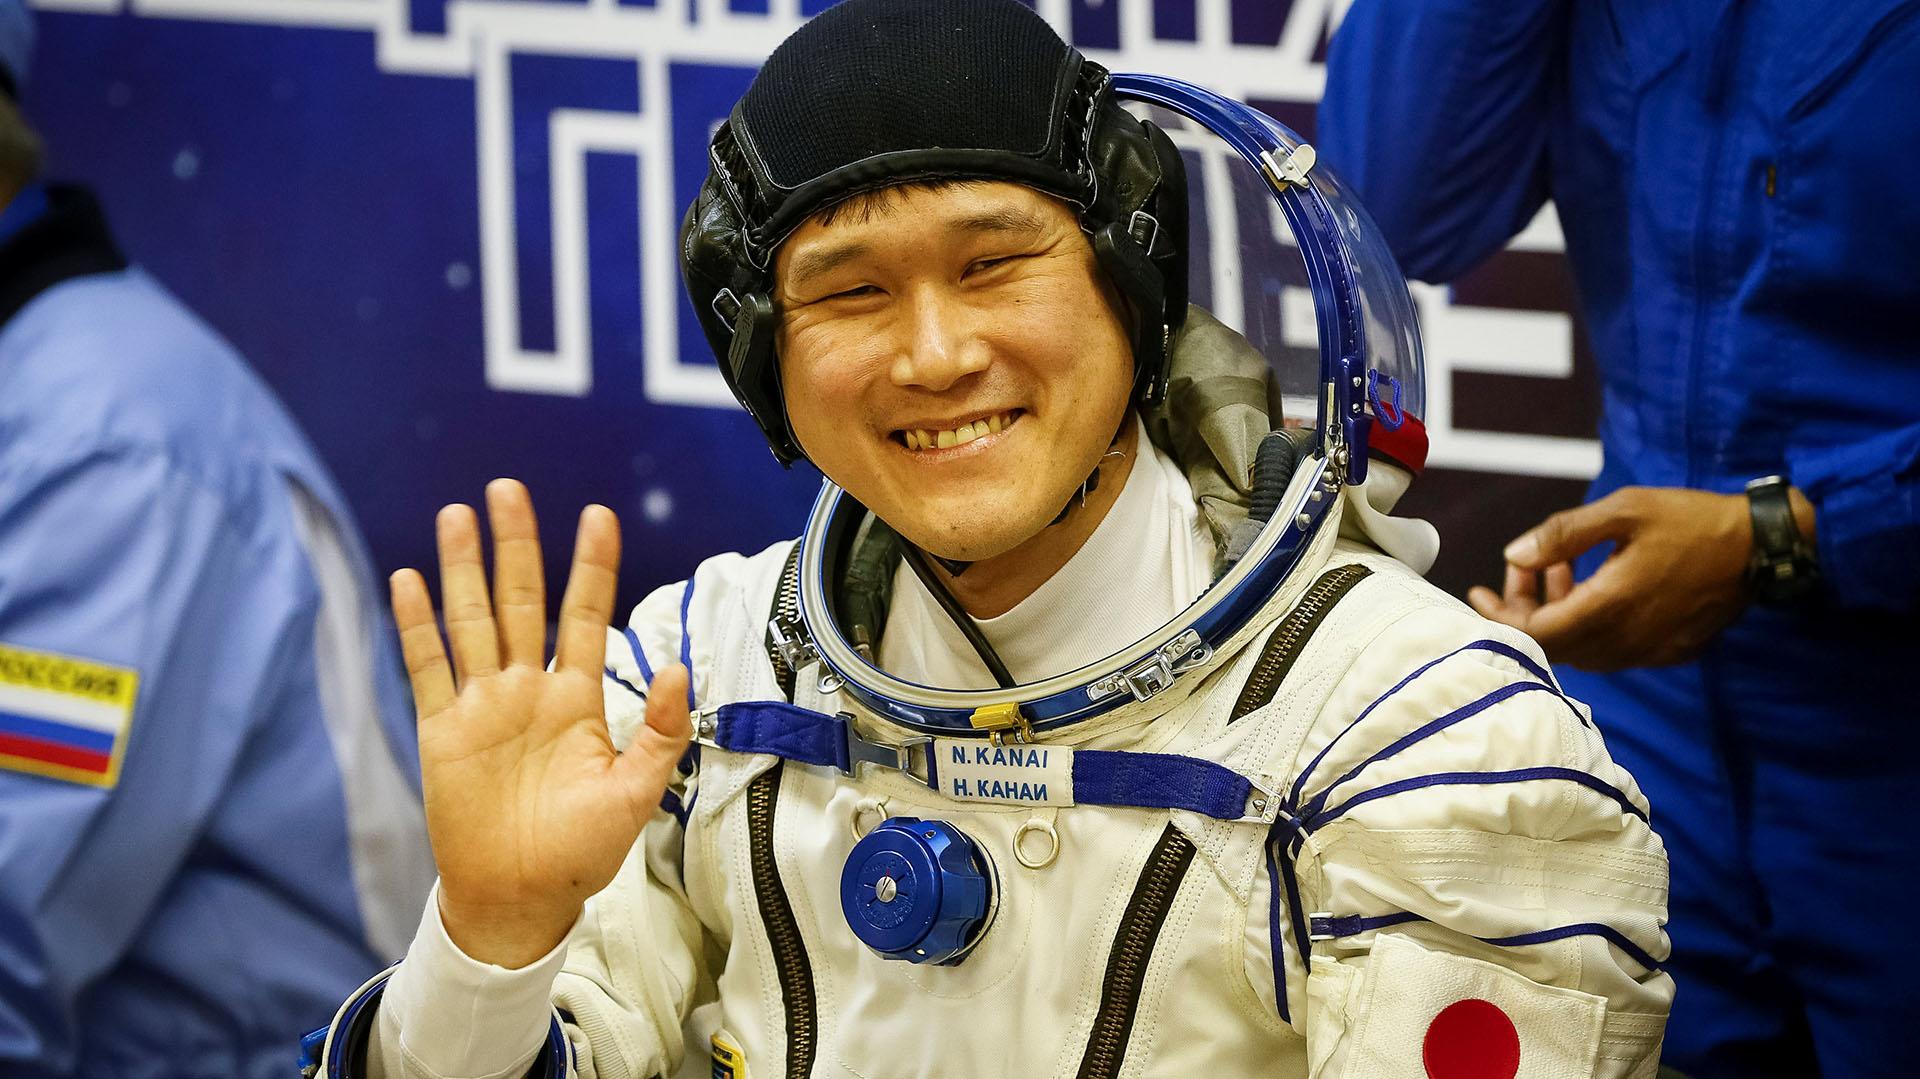 Norishige Kanai saluda antes de partir al espacio, en diciembre (Reuters)